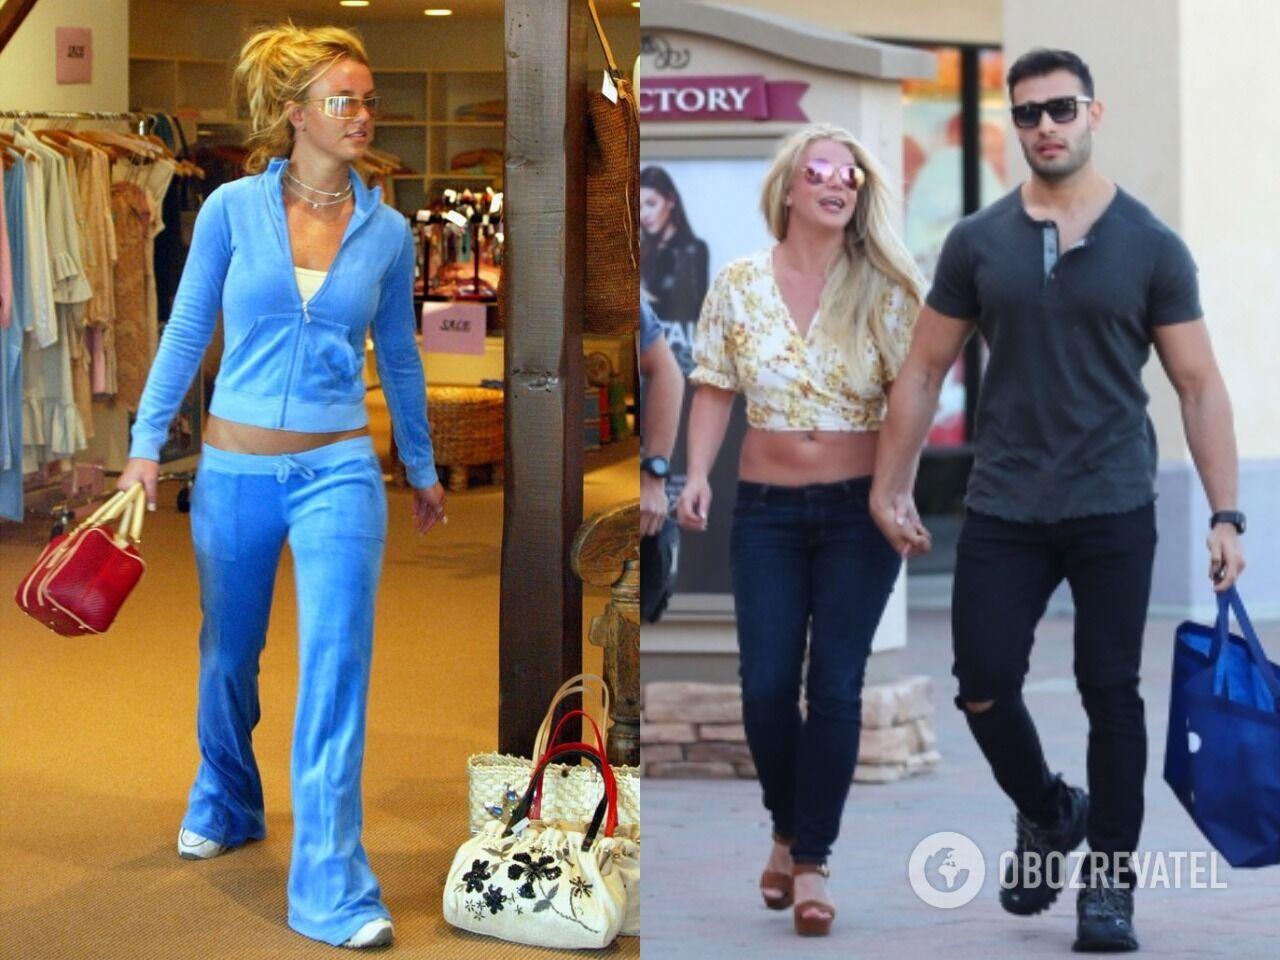 Брітні Спірс досі не відмовилася від штанів із заниженою талією, які були популярні за часів її юності